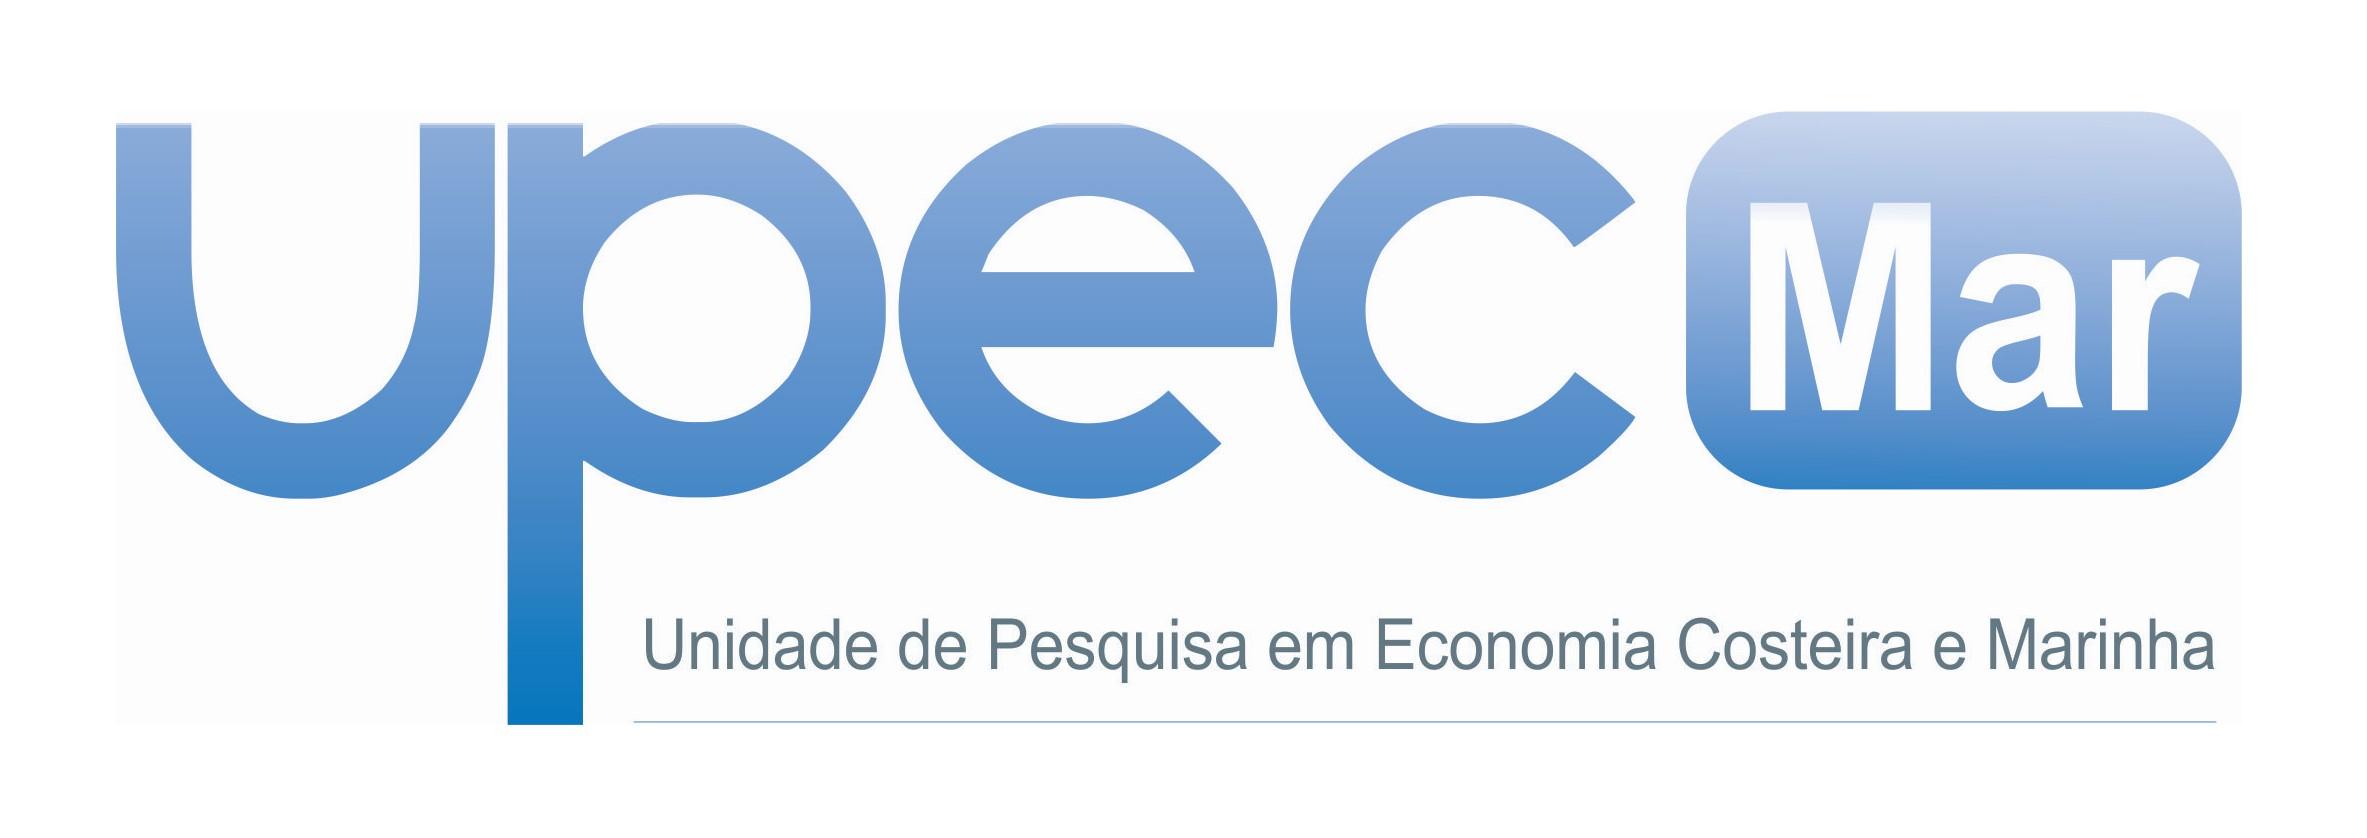 UPEC - Unidade de Pesquisa em Economia Costeira